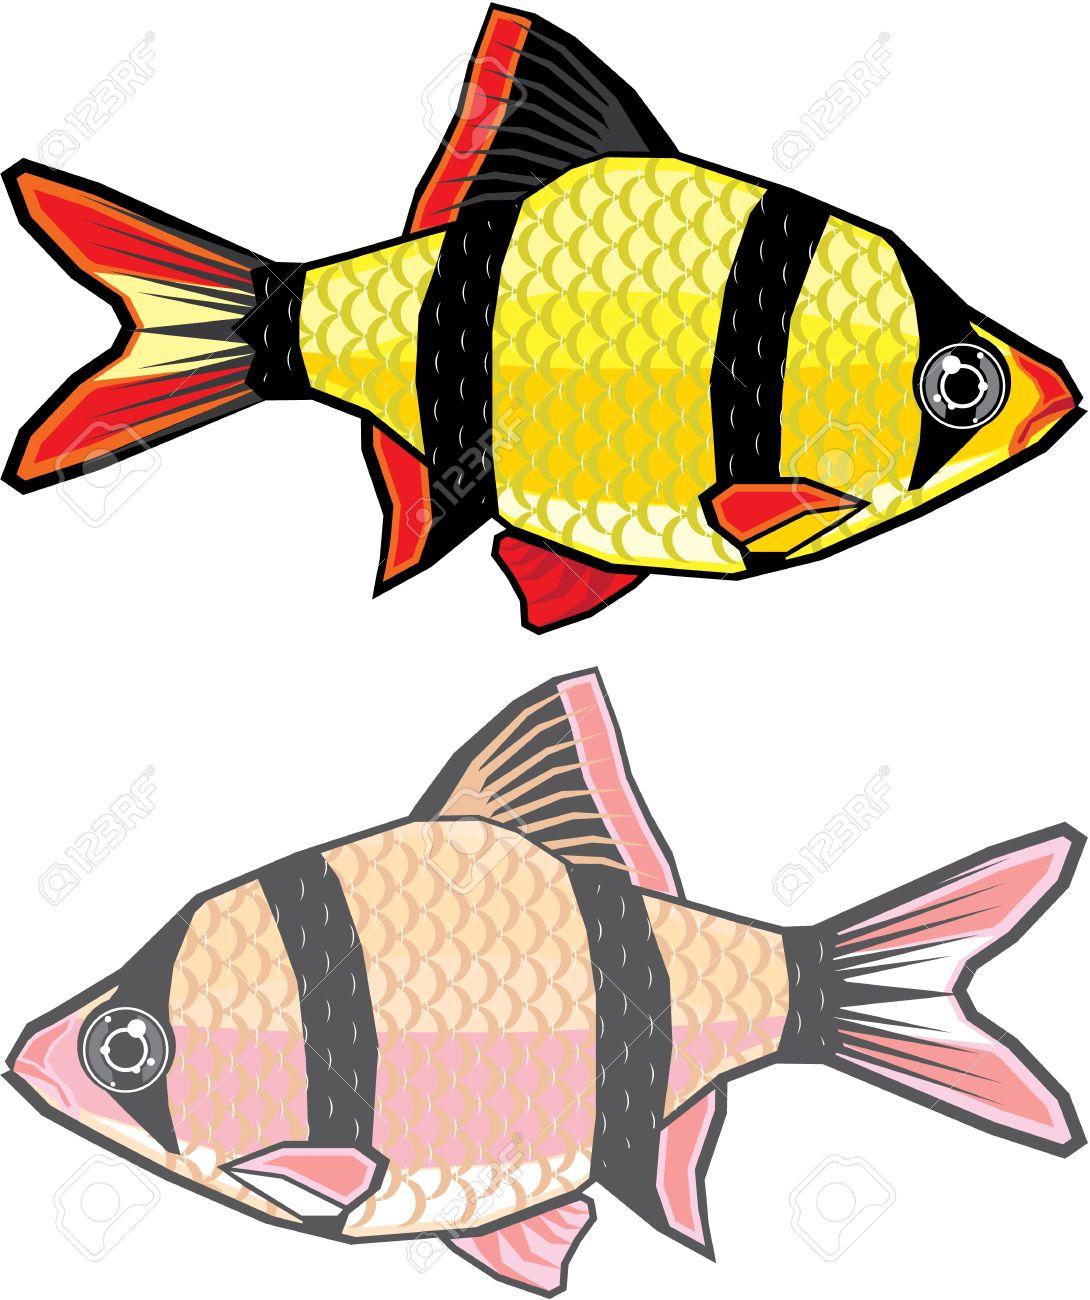 Barb Aquarium Fish Vector Image Royalty Free Cliparts Vectors And